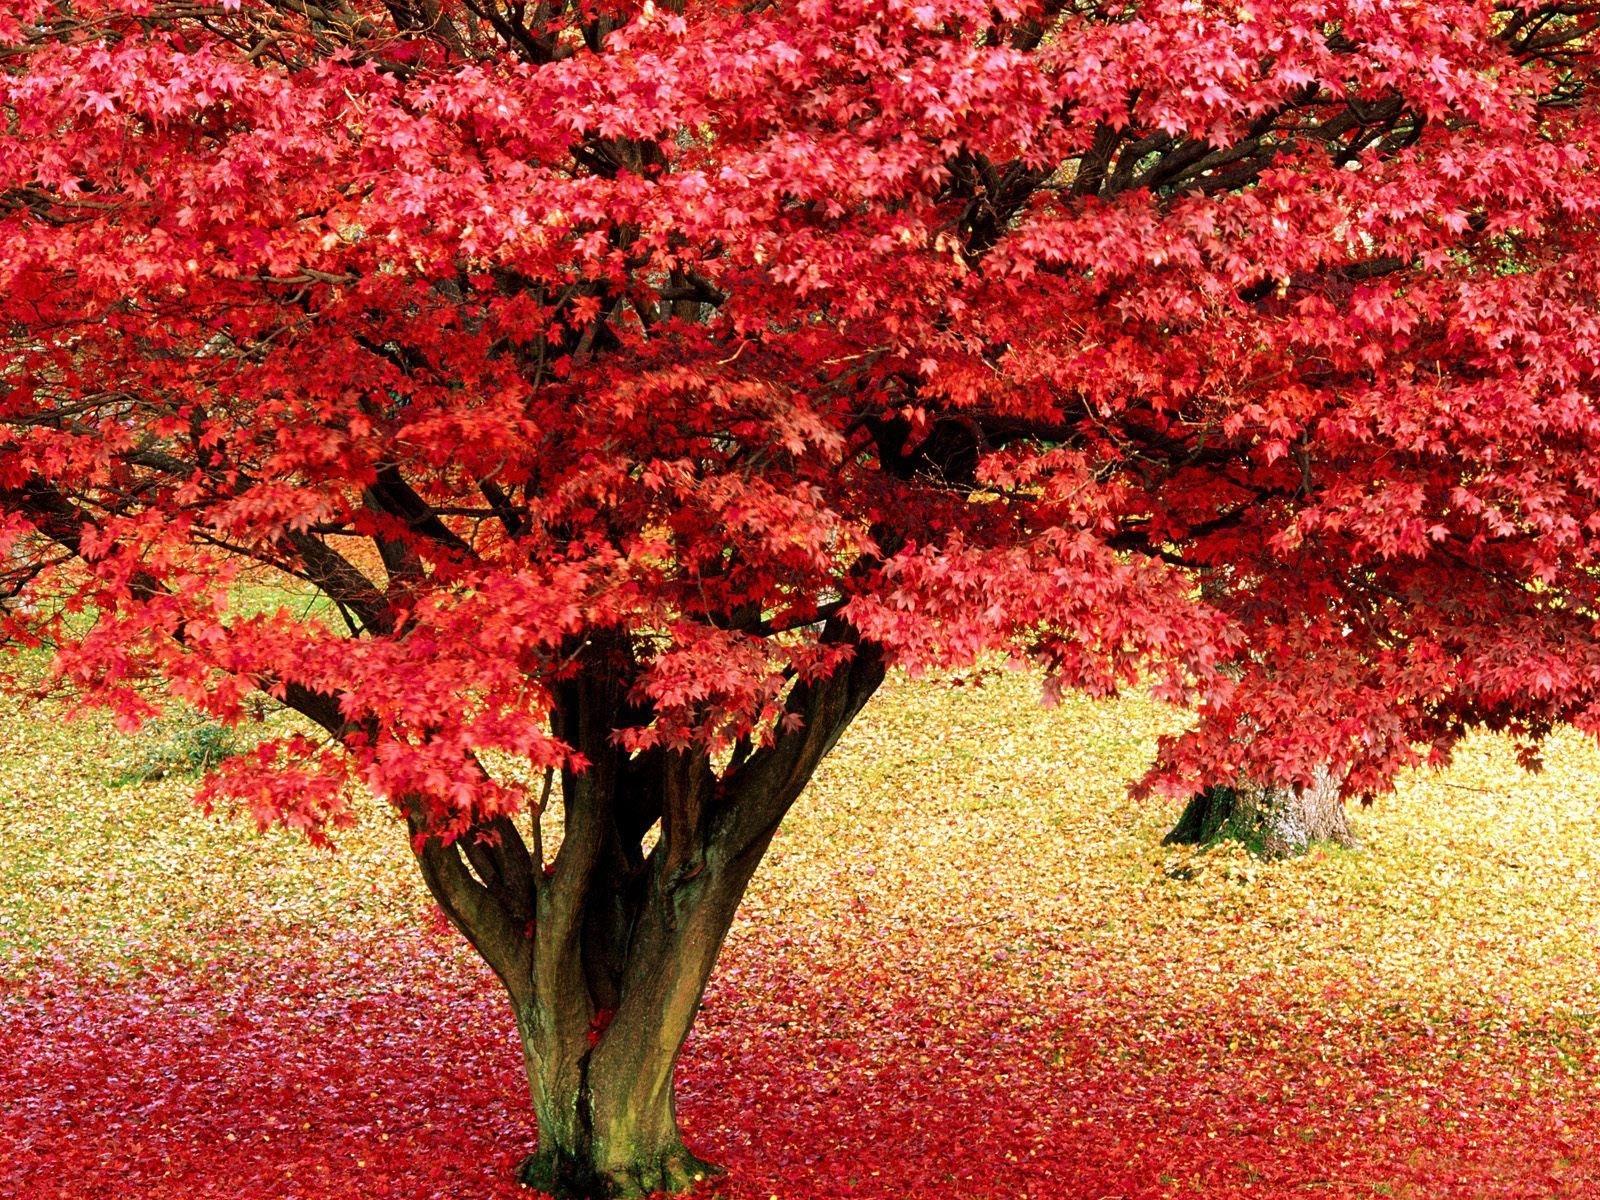 3736 скачать обои Пейзаж, Деревья, Осень, Листья - заставки и картинки бесплатно